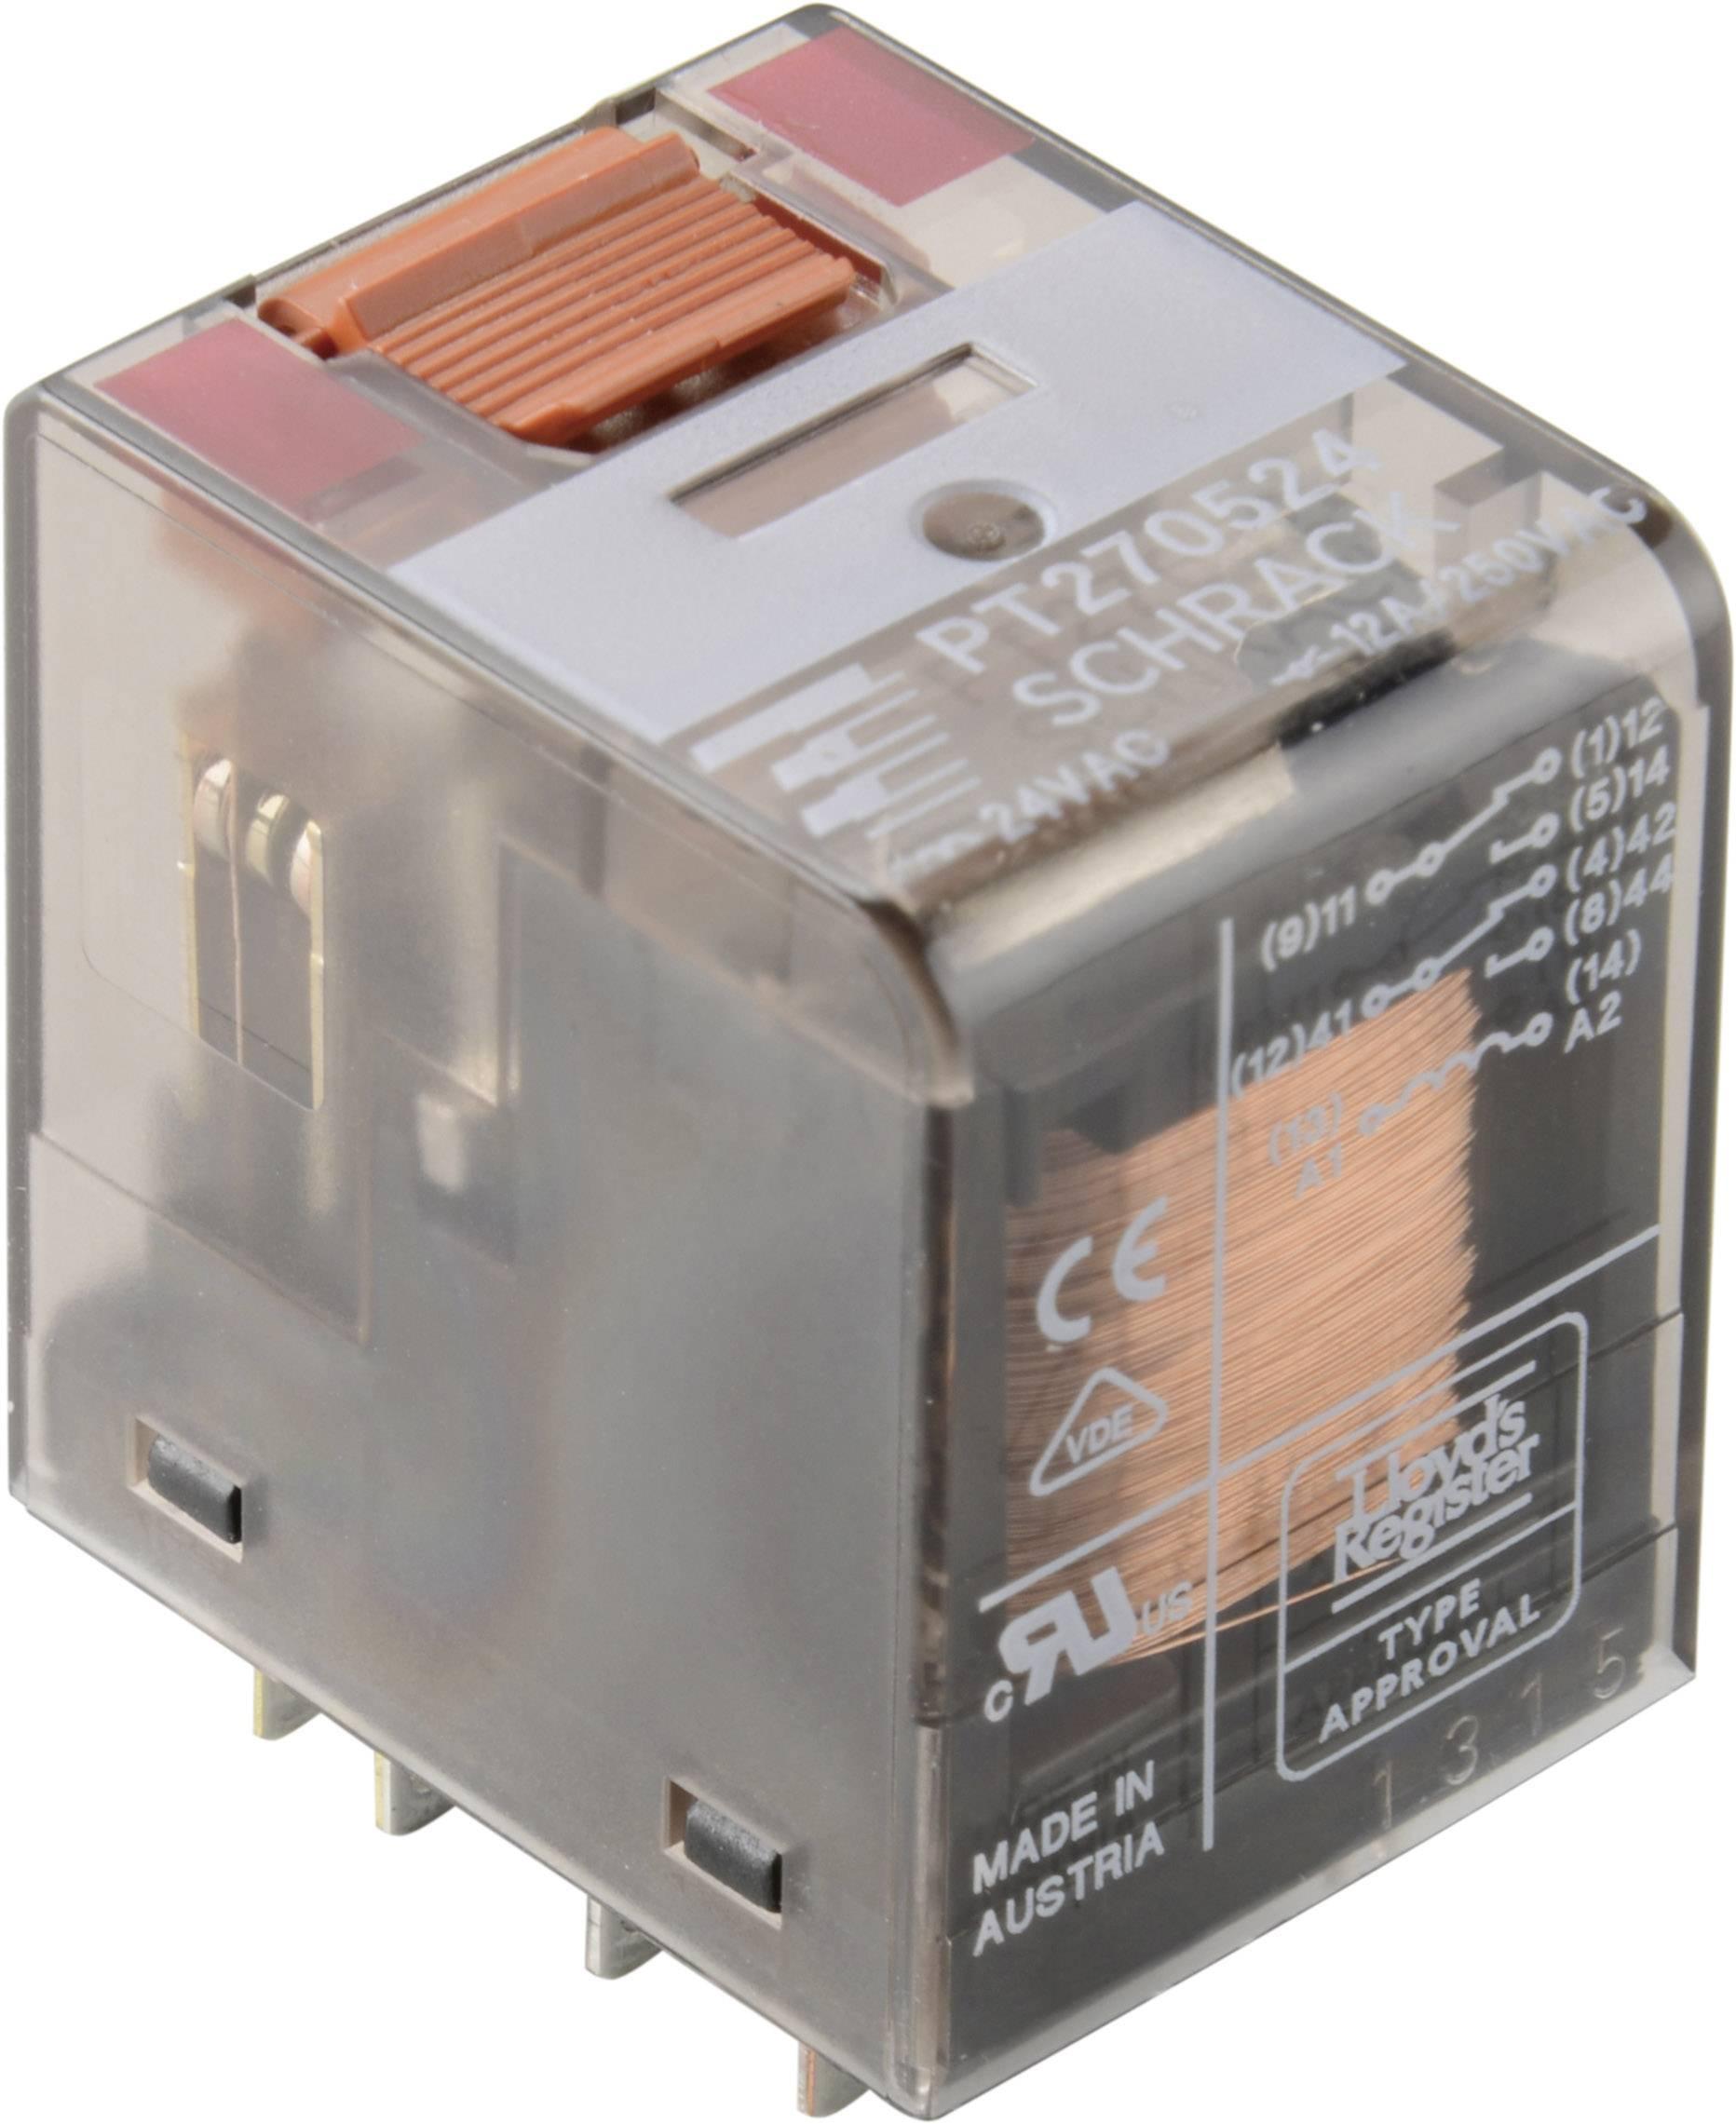 Miniaturní relé PT TE Connectivity 8-1419111-7, PT570524, 6 A, 440 V/AC 1500 VA